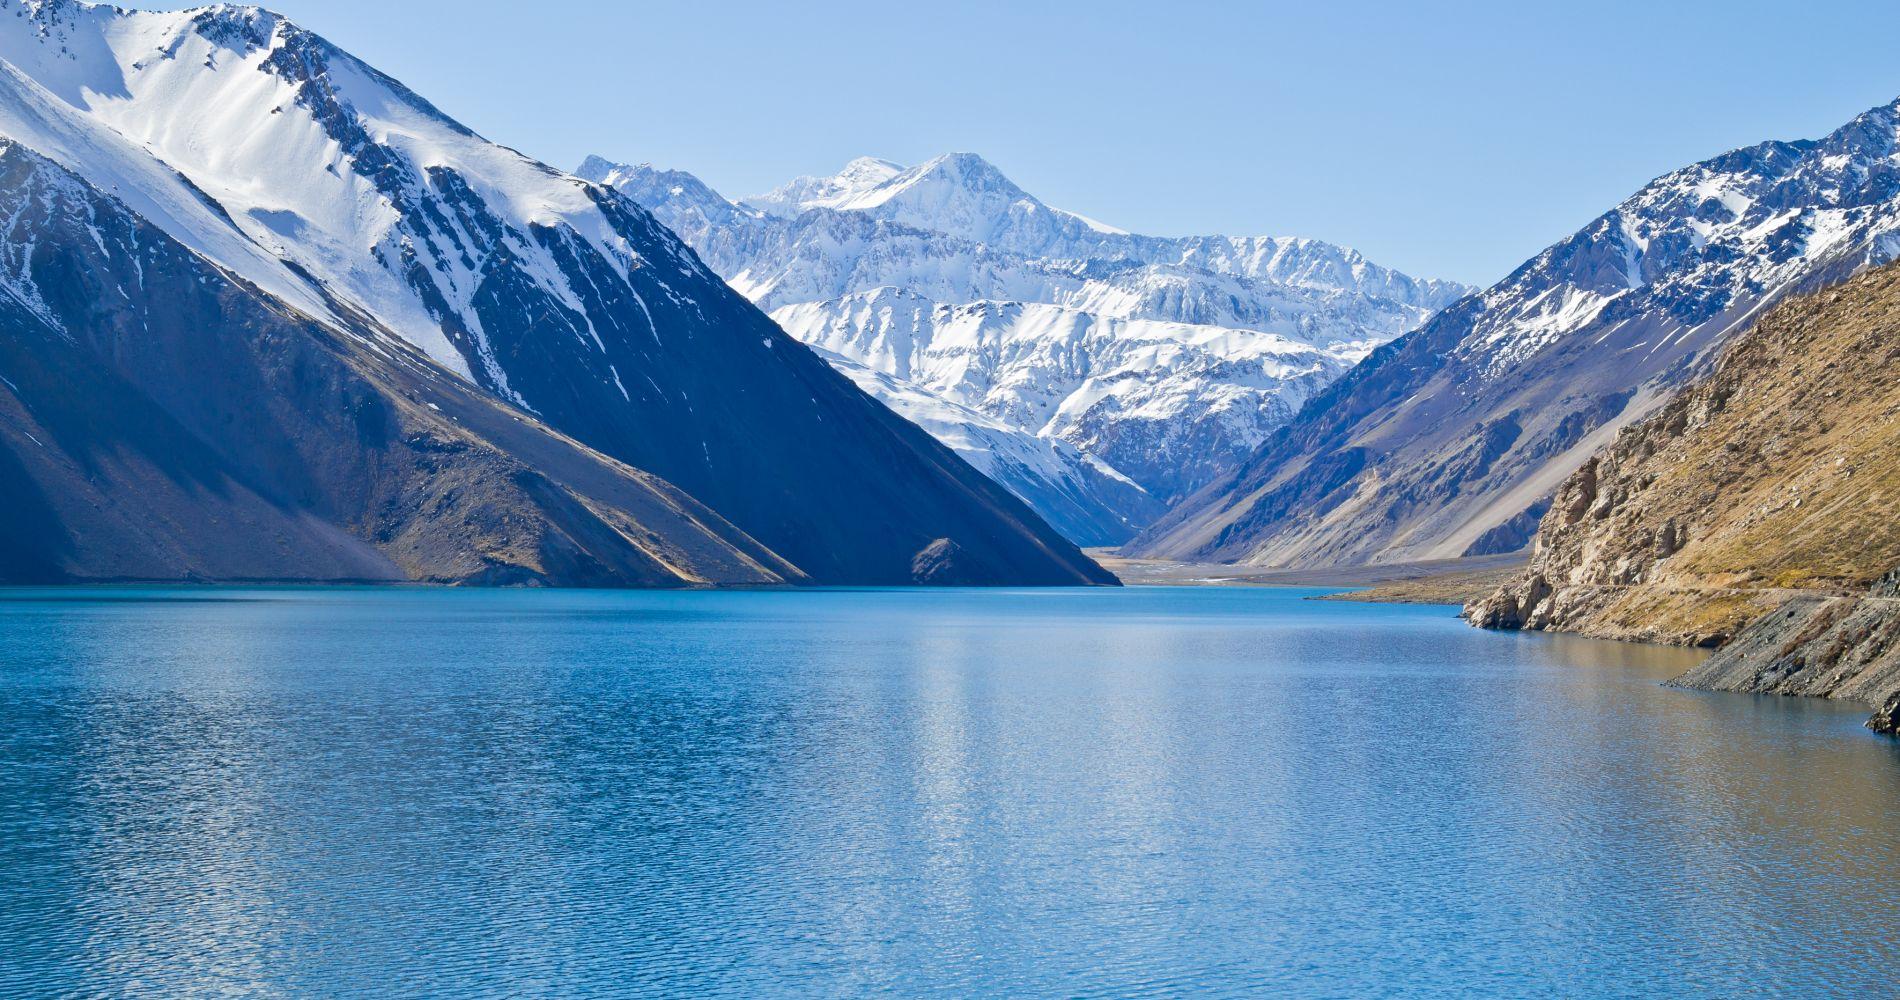 O Embalse el Yeso no inverno em Santiago do Chile. Um lago de cor verde esmeralda.